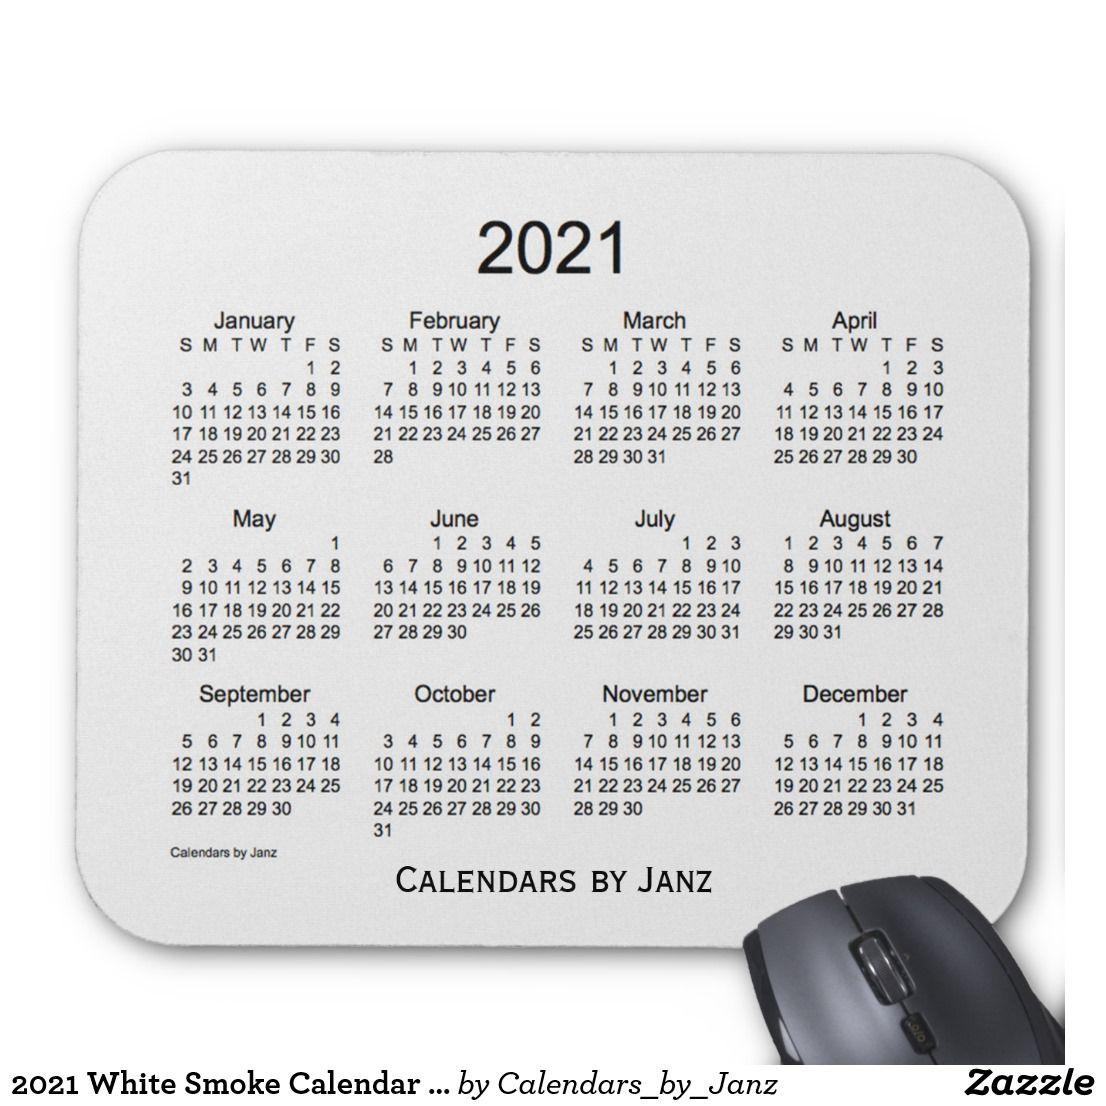 2021 White Smoke Calendar by Janz Mouse Pad | Zazzle.com ...